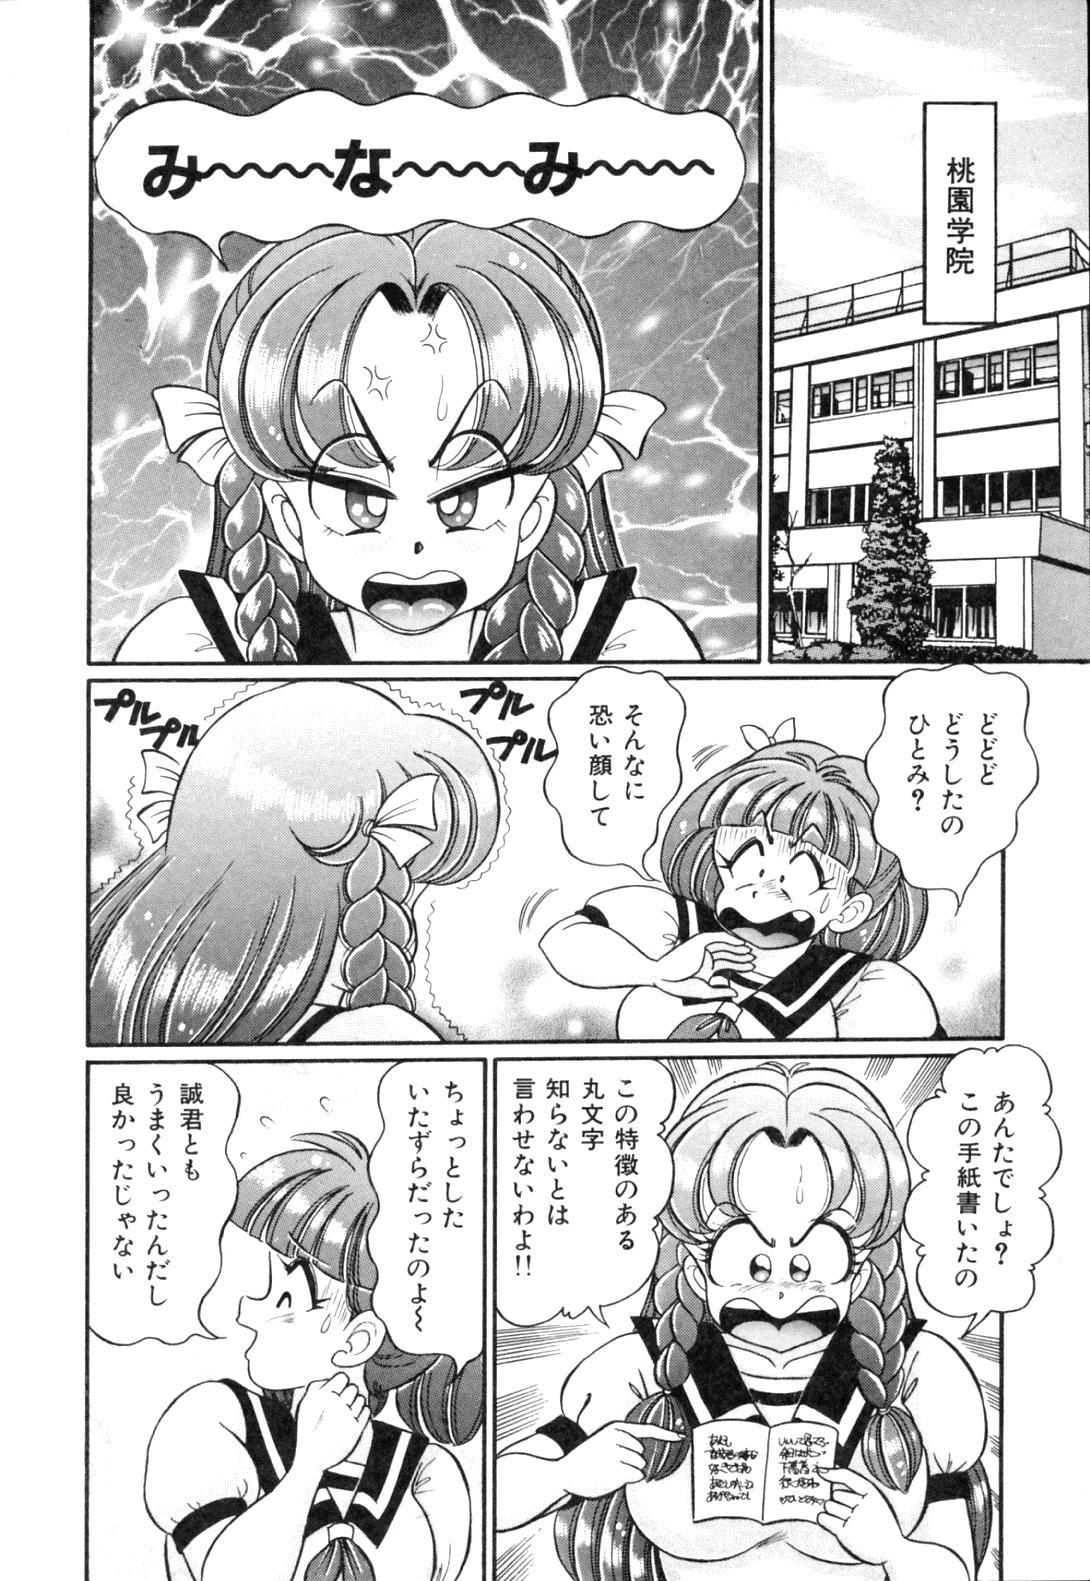 [Watanabe Wataru] Tonari no Onee-san - Sister of Neighborhood 61